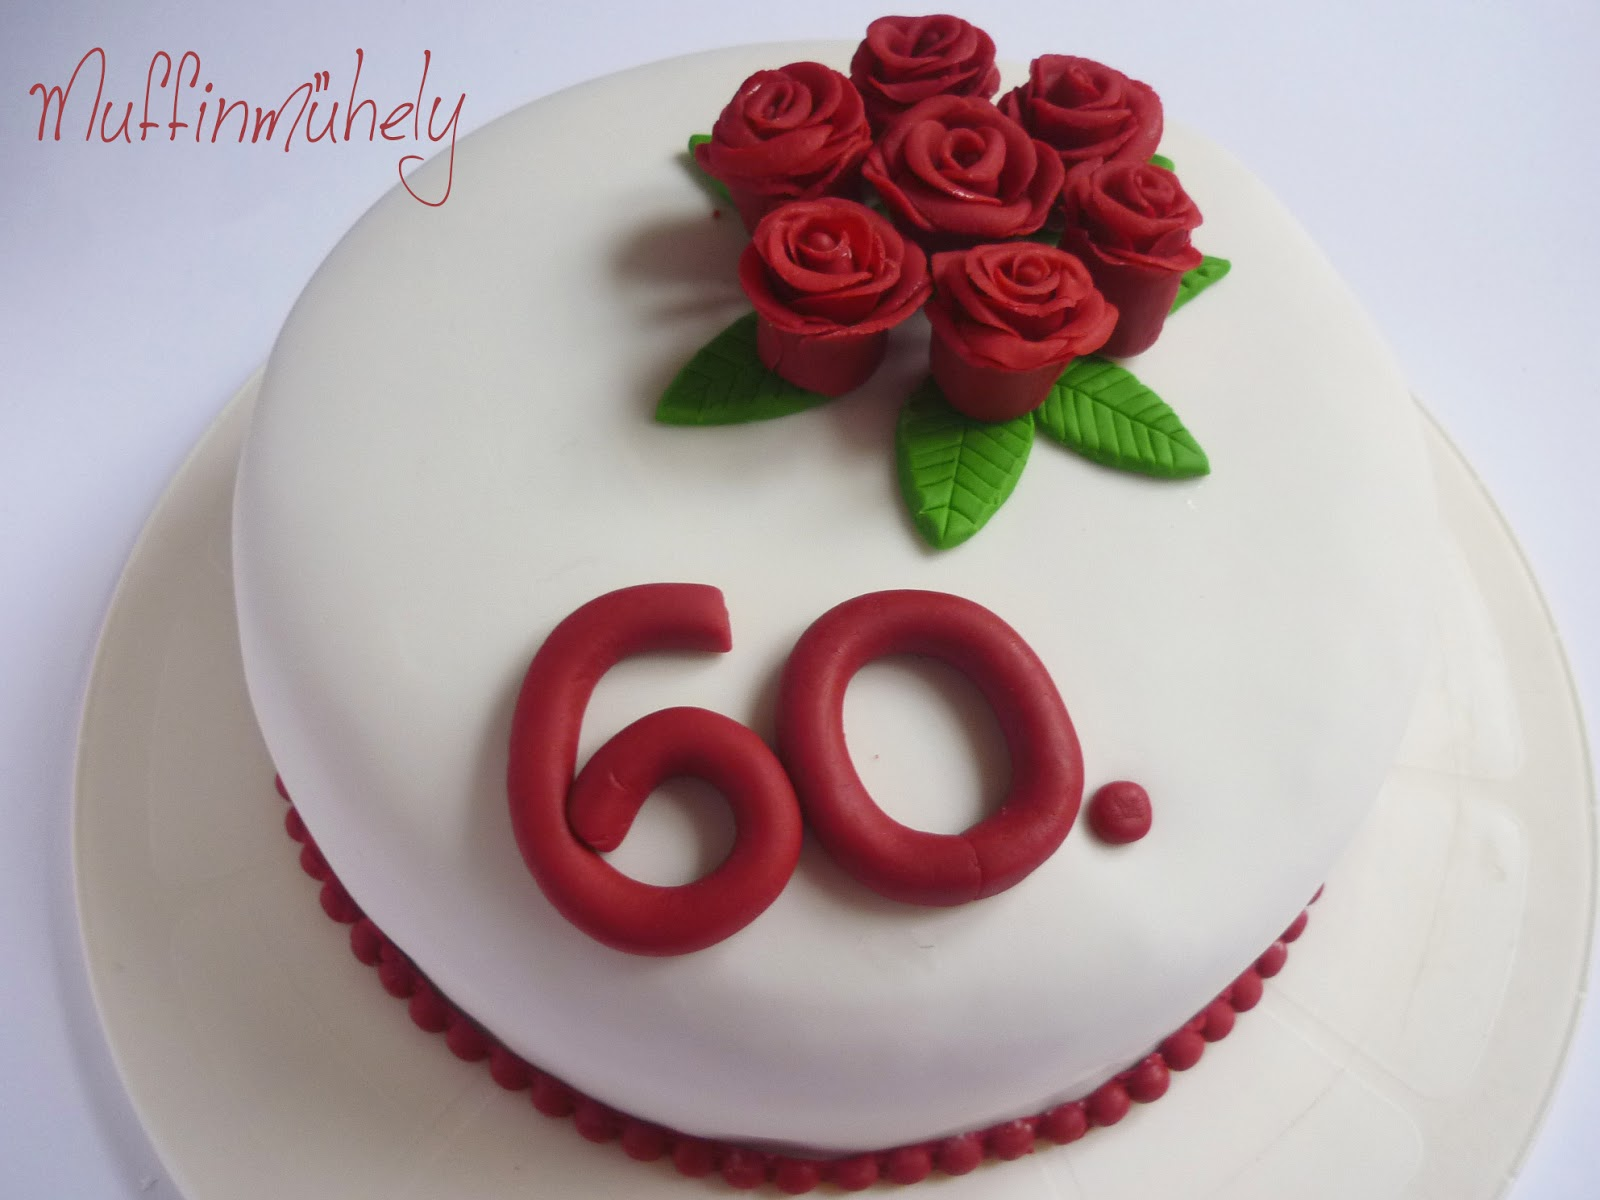 születésnapi torta 60 Rózsás torta 60. szülinapra születésnapi torta 60